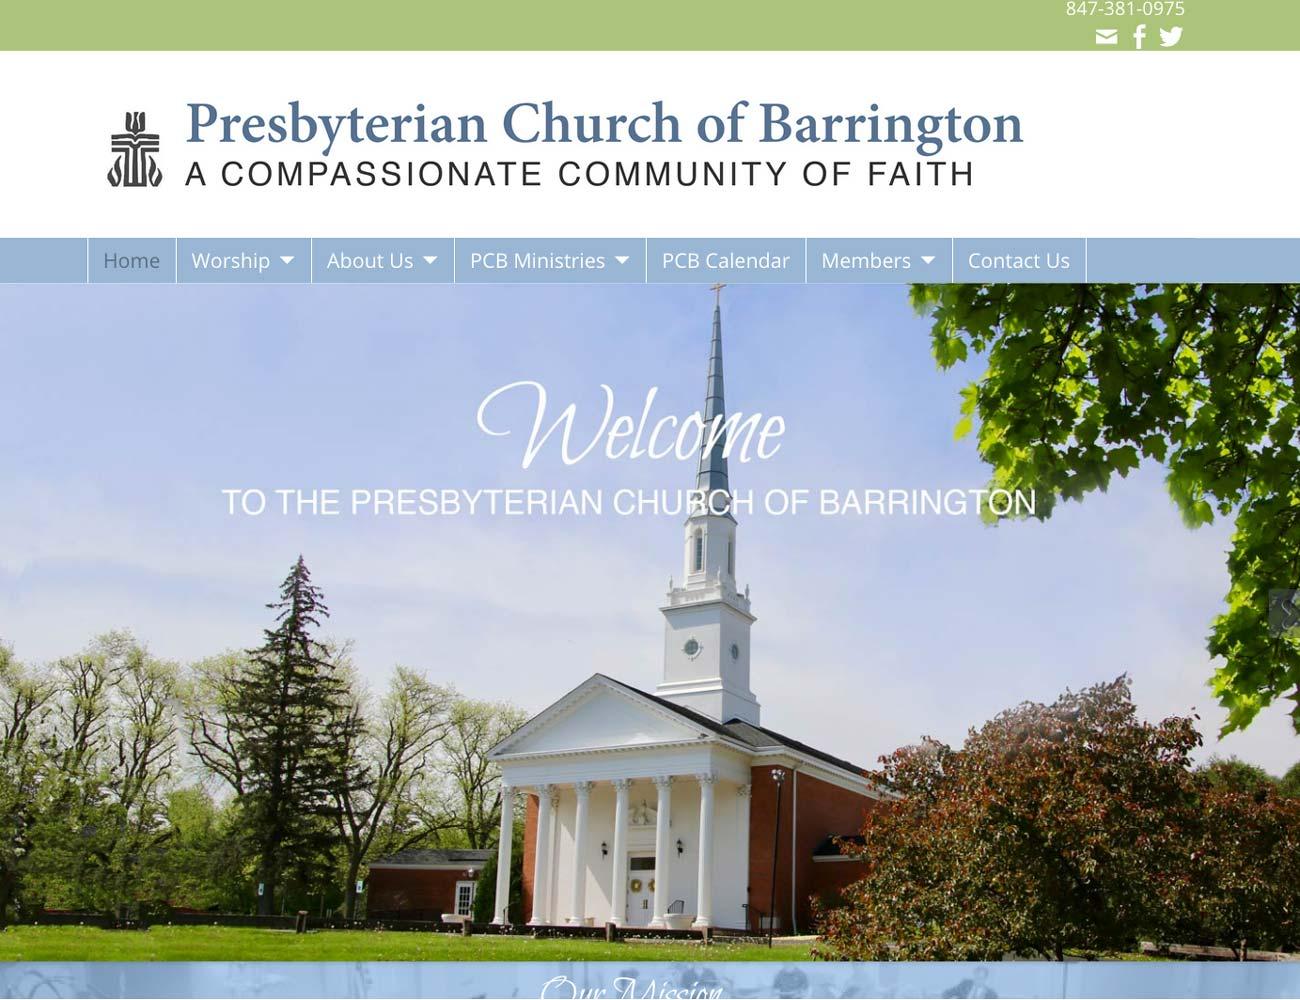 Presbyterian-Church-of-Barrington.